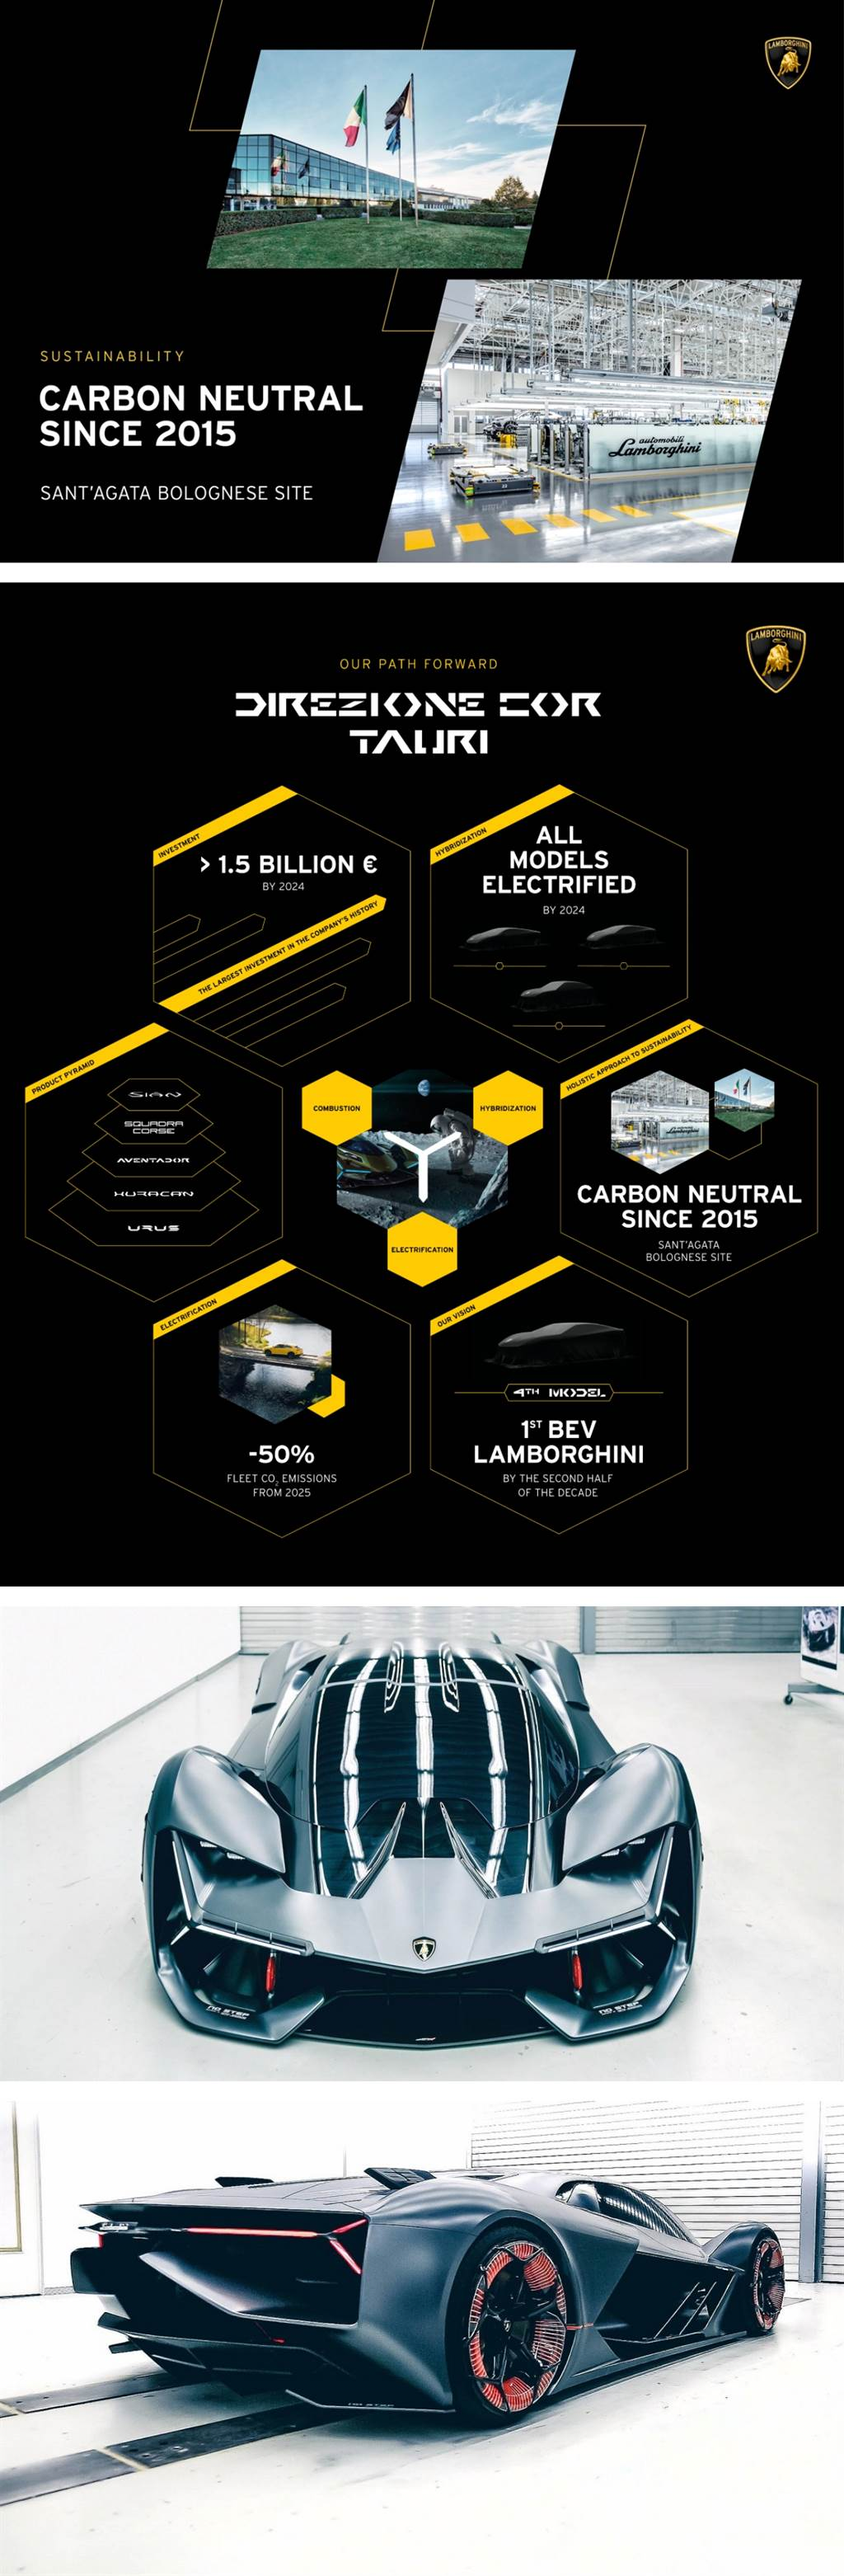 Lamborghini公佈電氣化未來戰略 第四款新車型將為純電動車